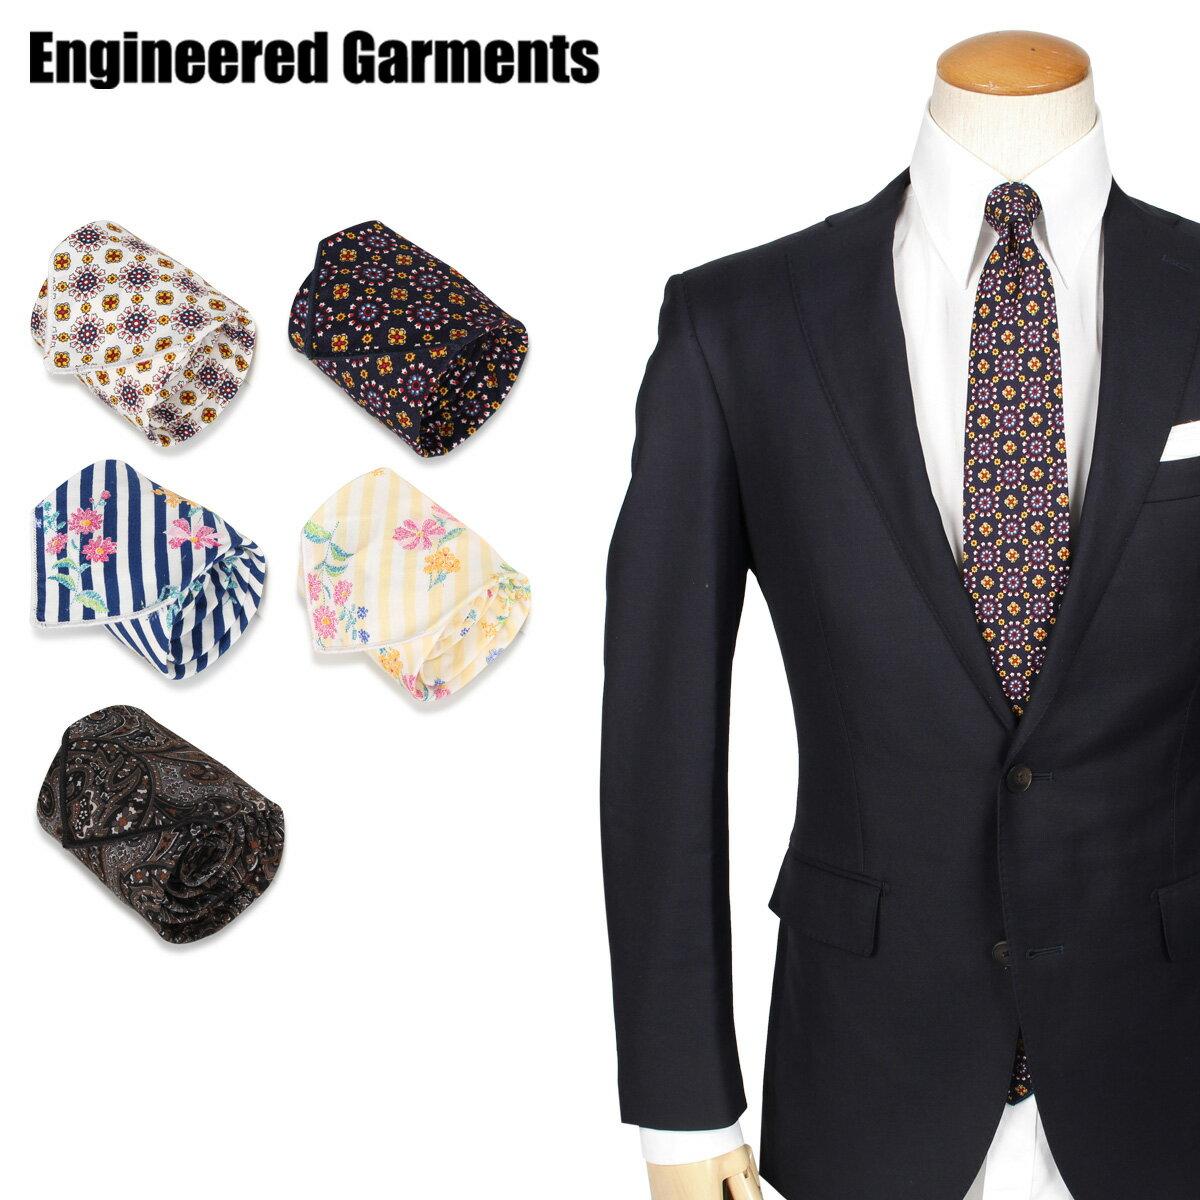 スーツ用ファッション小物, ネクタイ 600OFF ENGINEERED GARMENTS TIE 20S1H006